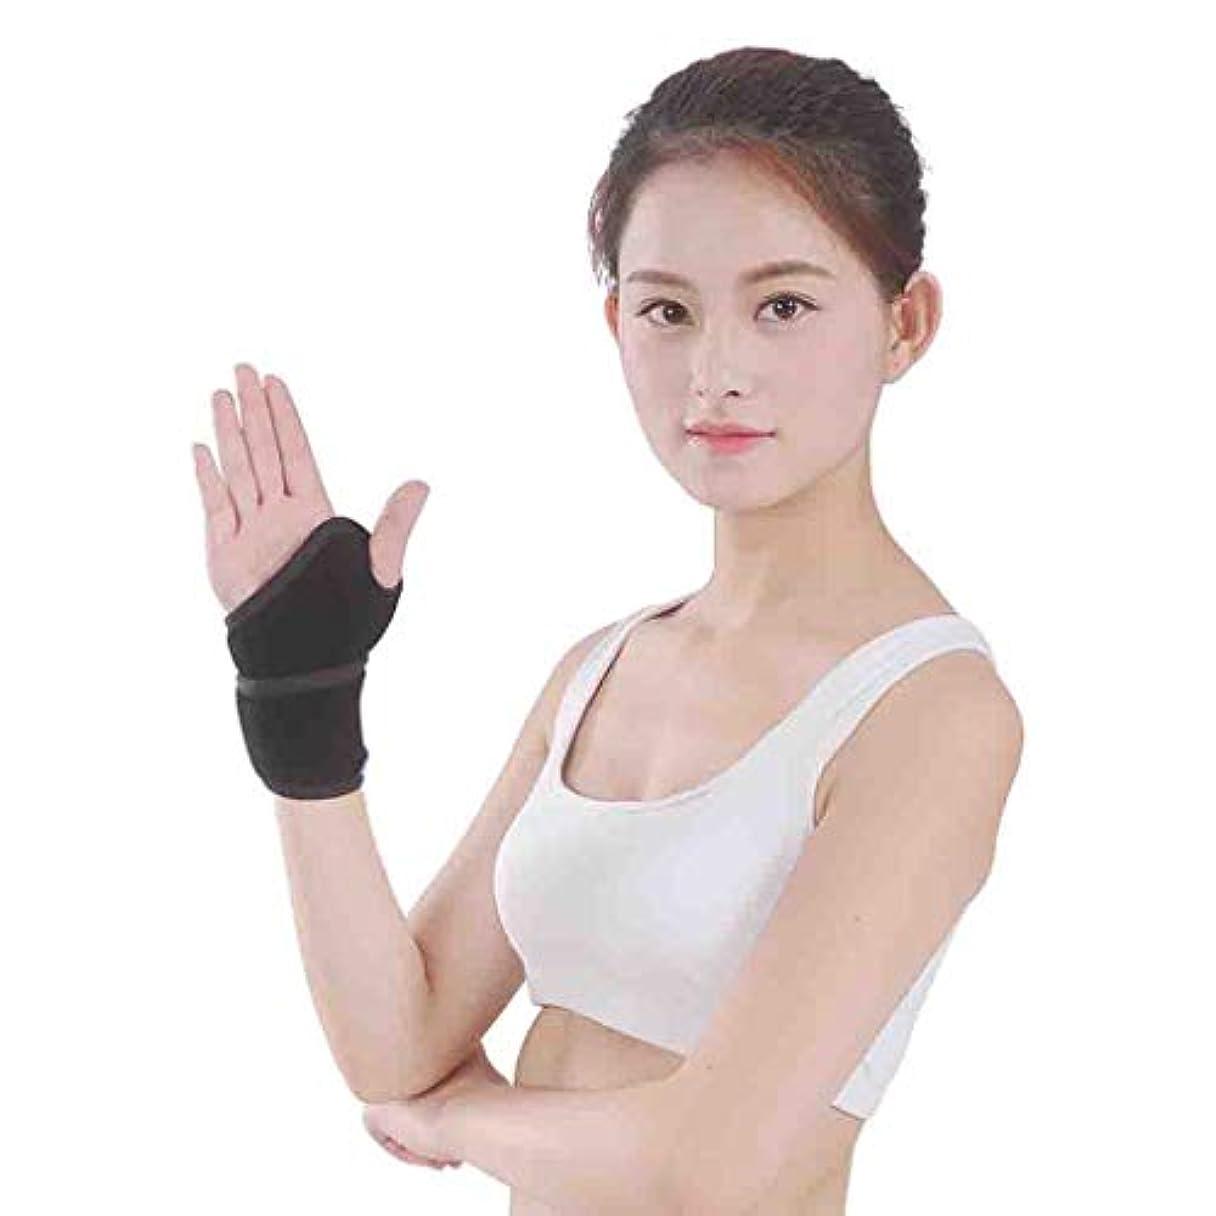 アリーナ専門用語貼り直す関節炎のための親指のスプリントベージュの親指のブレース関節炎や軟組織の傷害、軽量と通気性のための腱膜炎のリストバンド Roscloud@